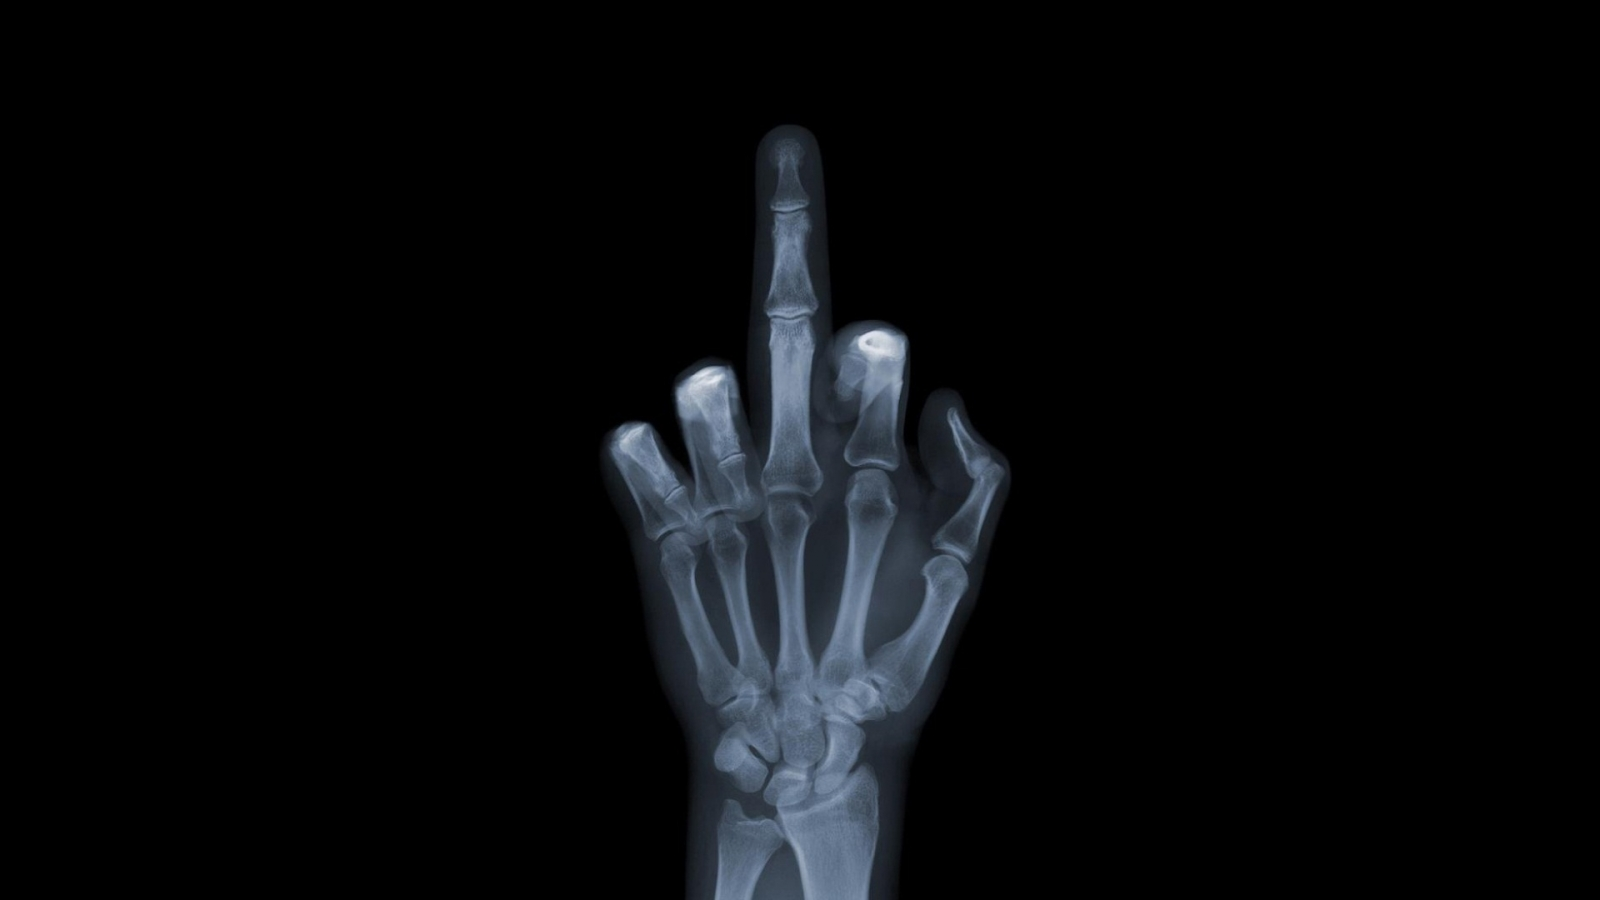 Рука во влагаоище 14 фотография